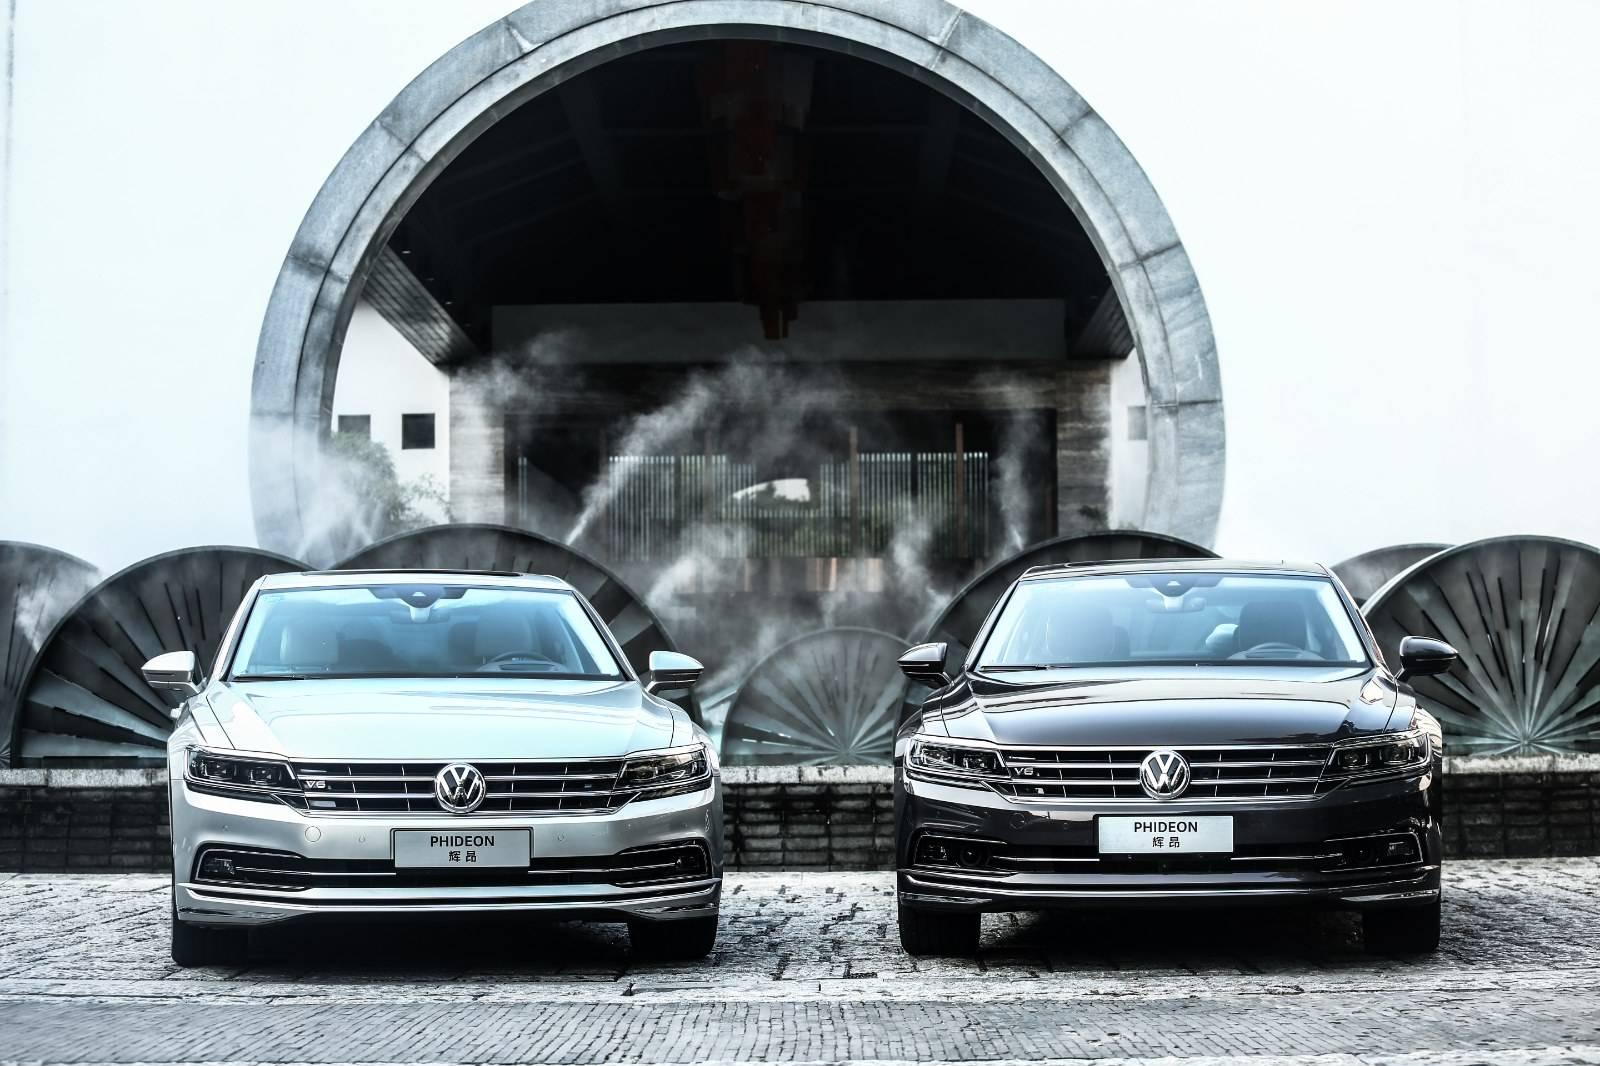 """本来和宝马5系、奔驰E级相媲美,低调""""小辉腾""""卖得好成了难事"""